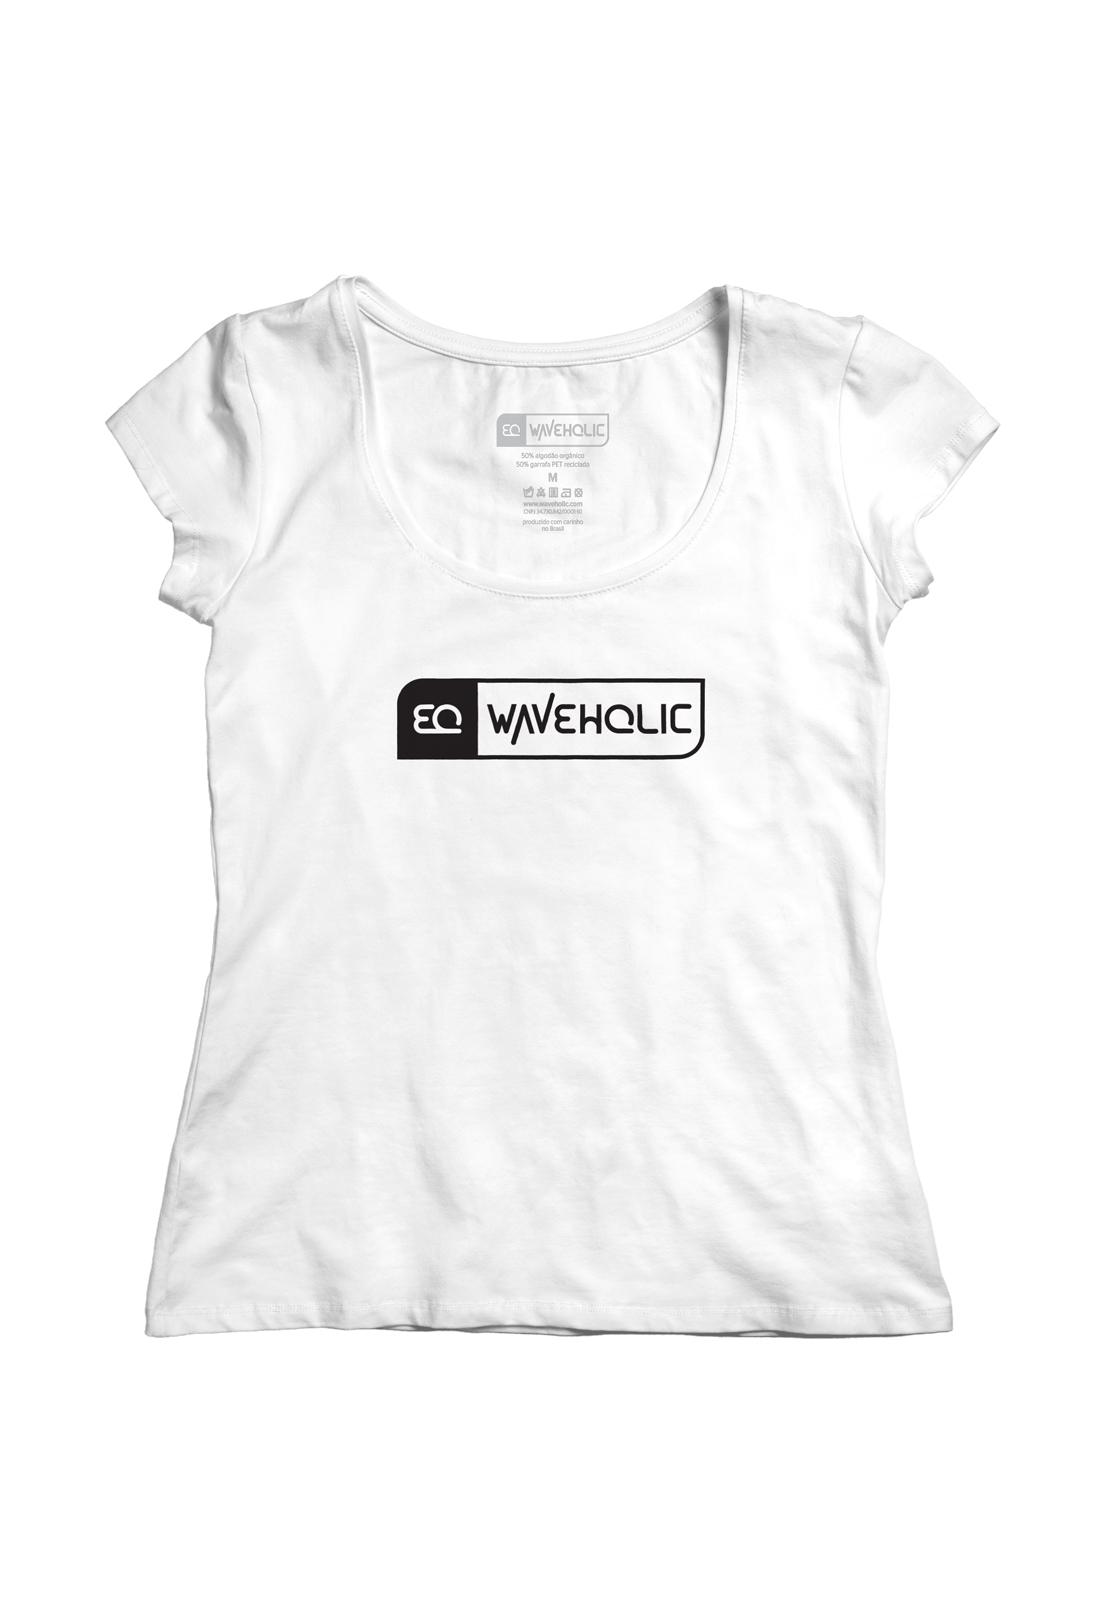 Blusa estampada sustentável logo P&B preta ou branca